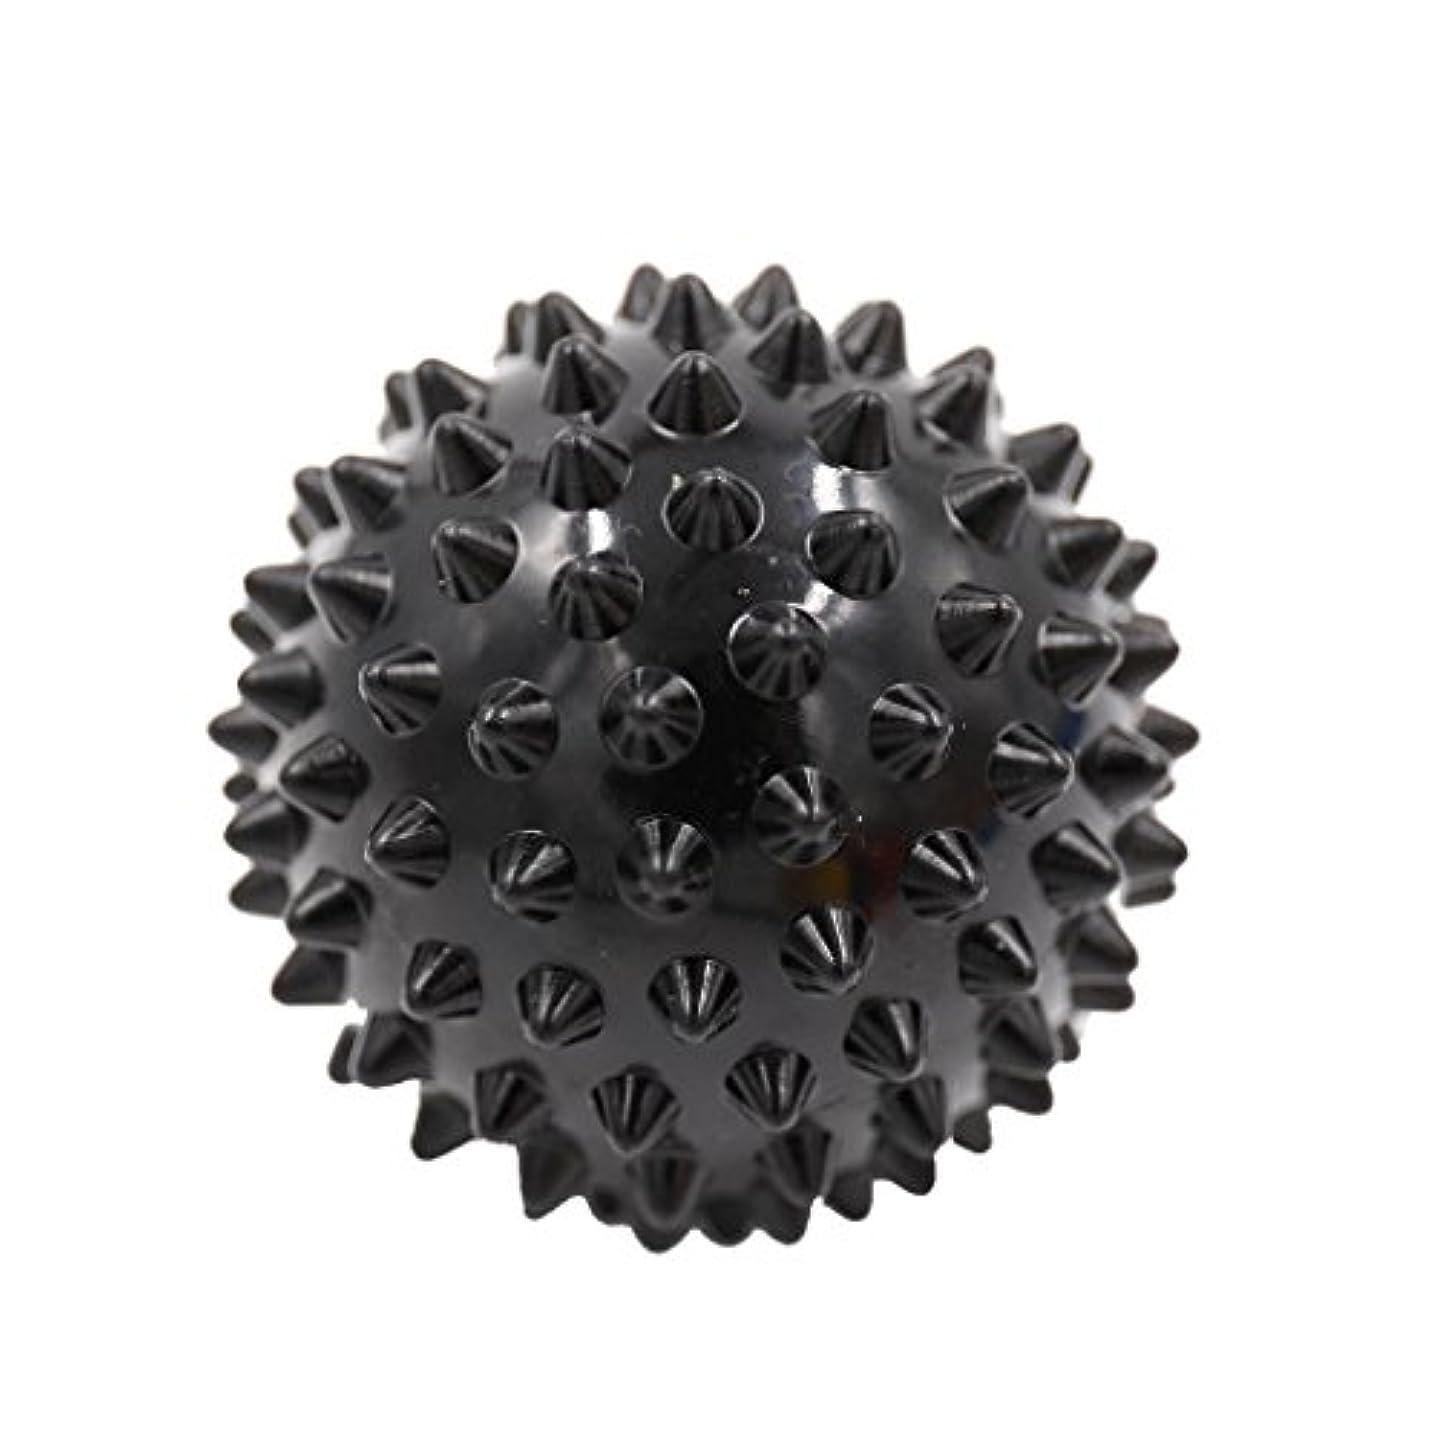 過敏なホイップ命令的SONONIA マッサージボール マッサージ器 マッサージャー リラックス スパイク マッサージボール 高品質 3色選べ - ブラック